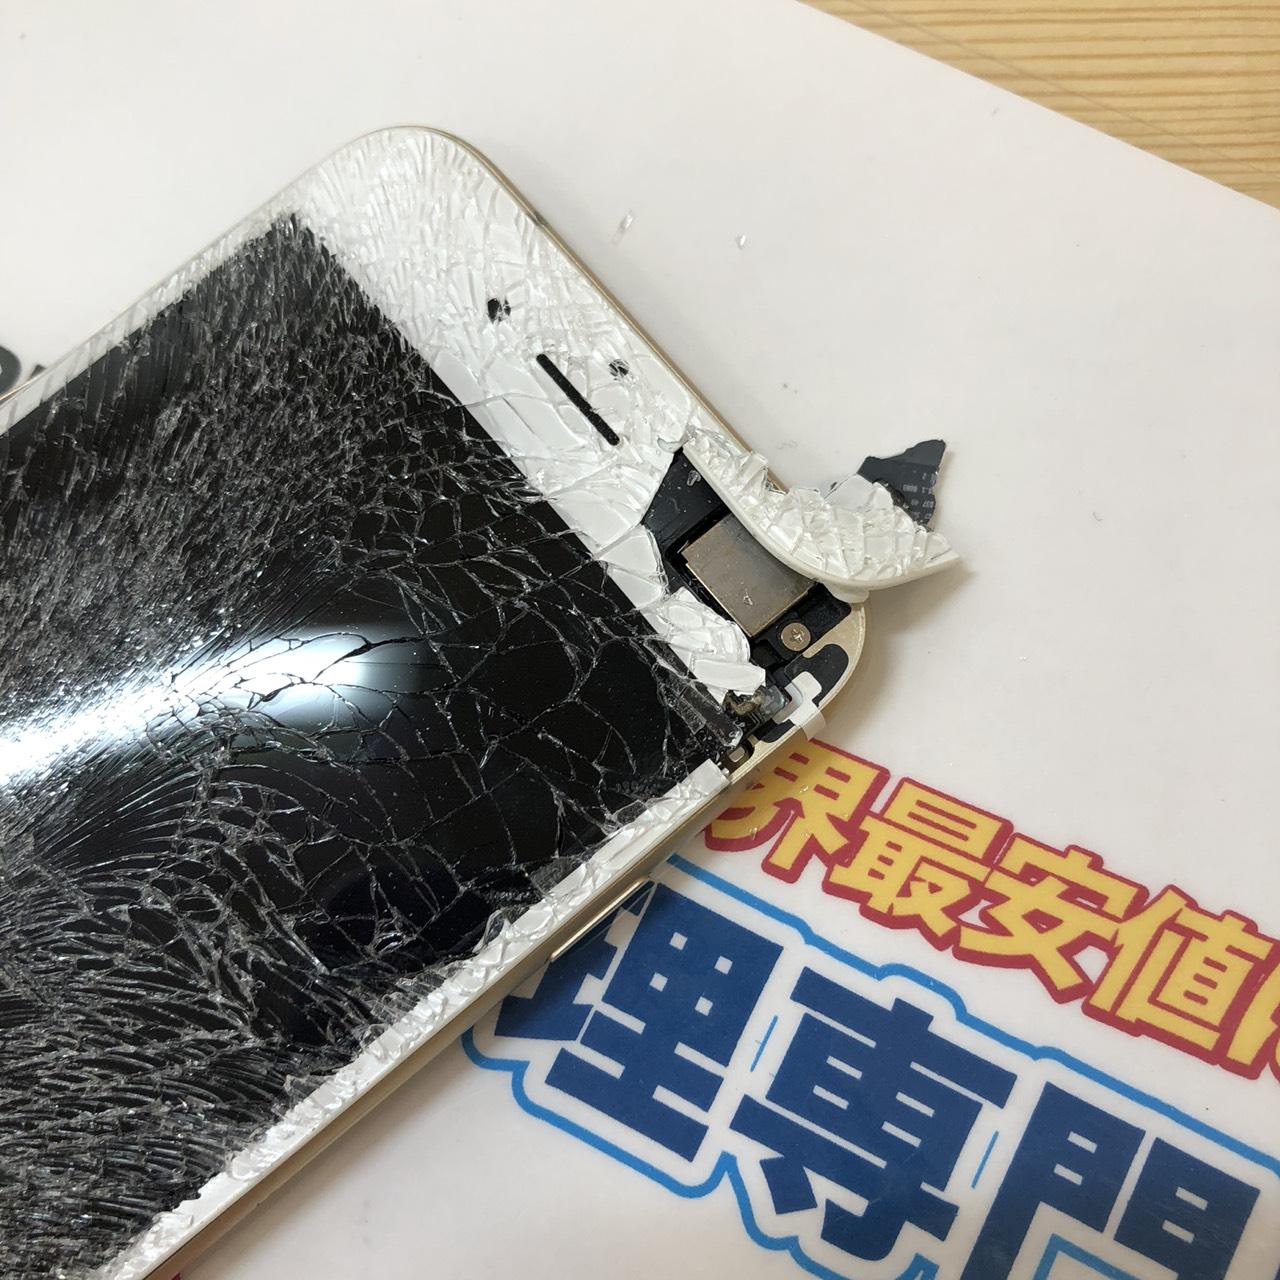 壊れているiPhoneの写真